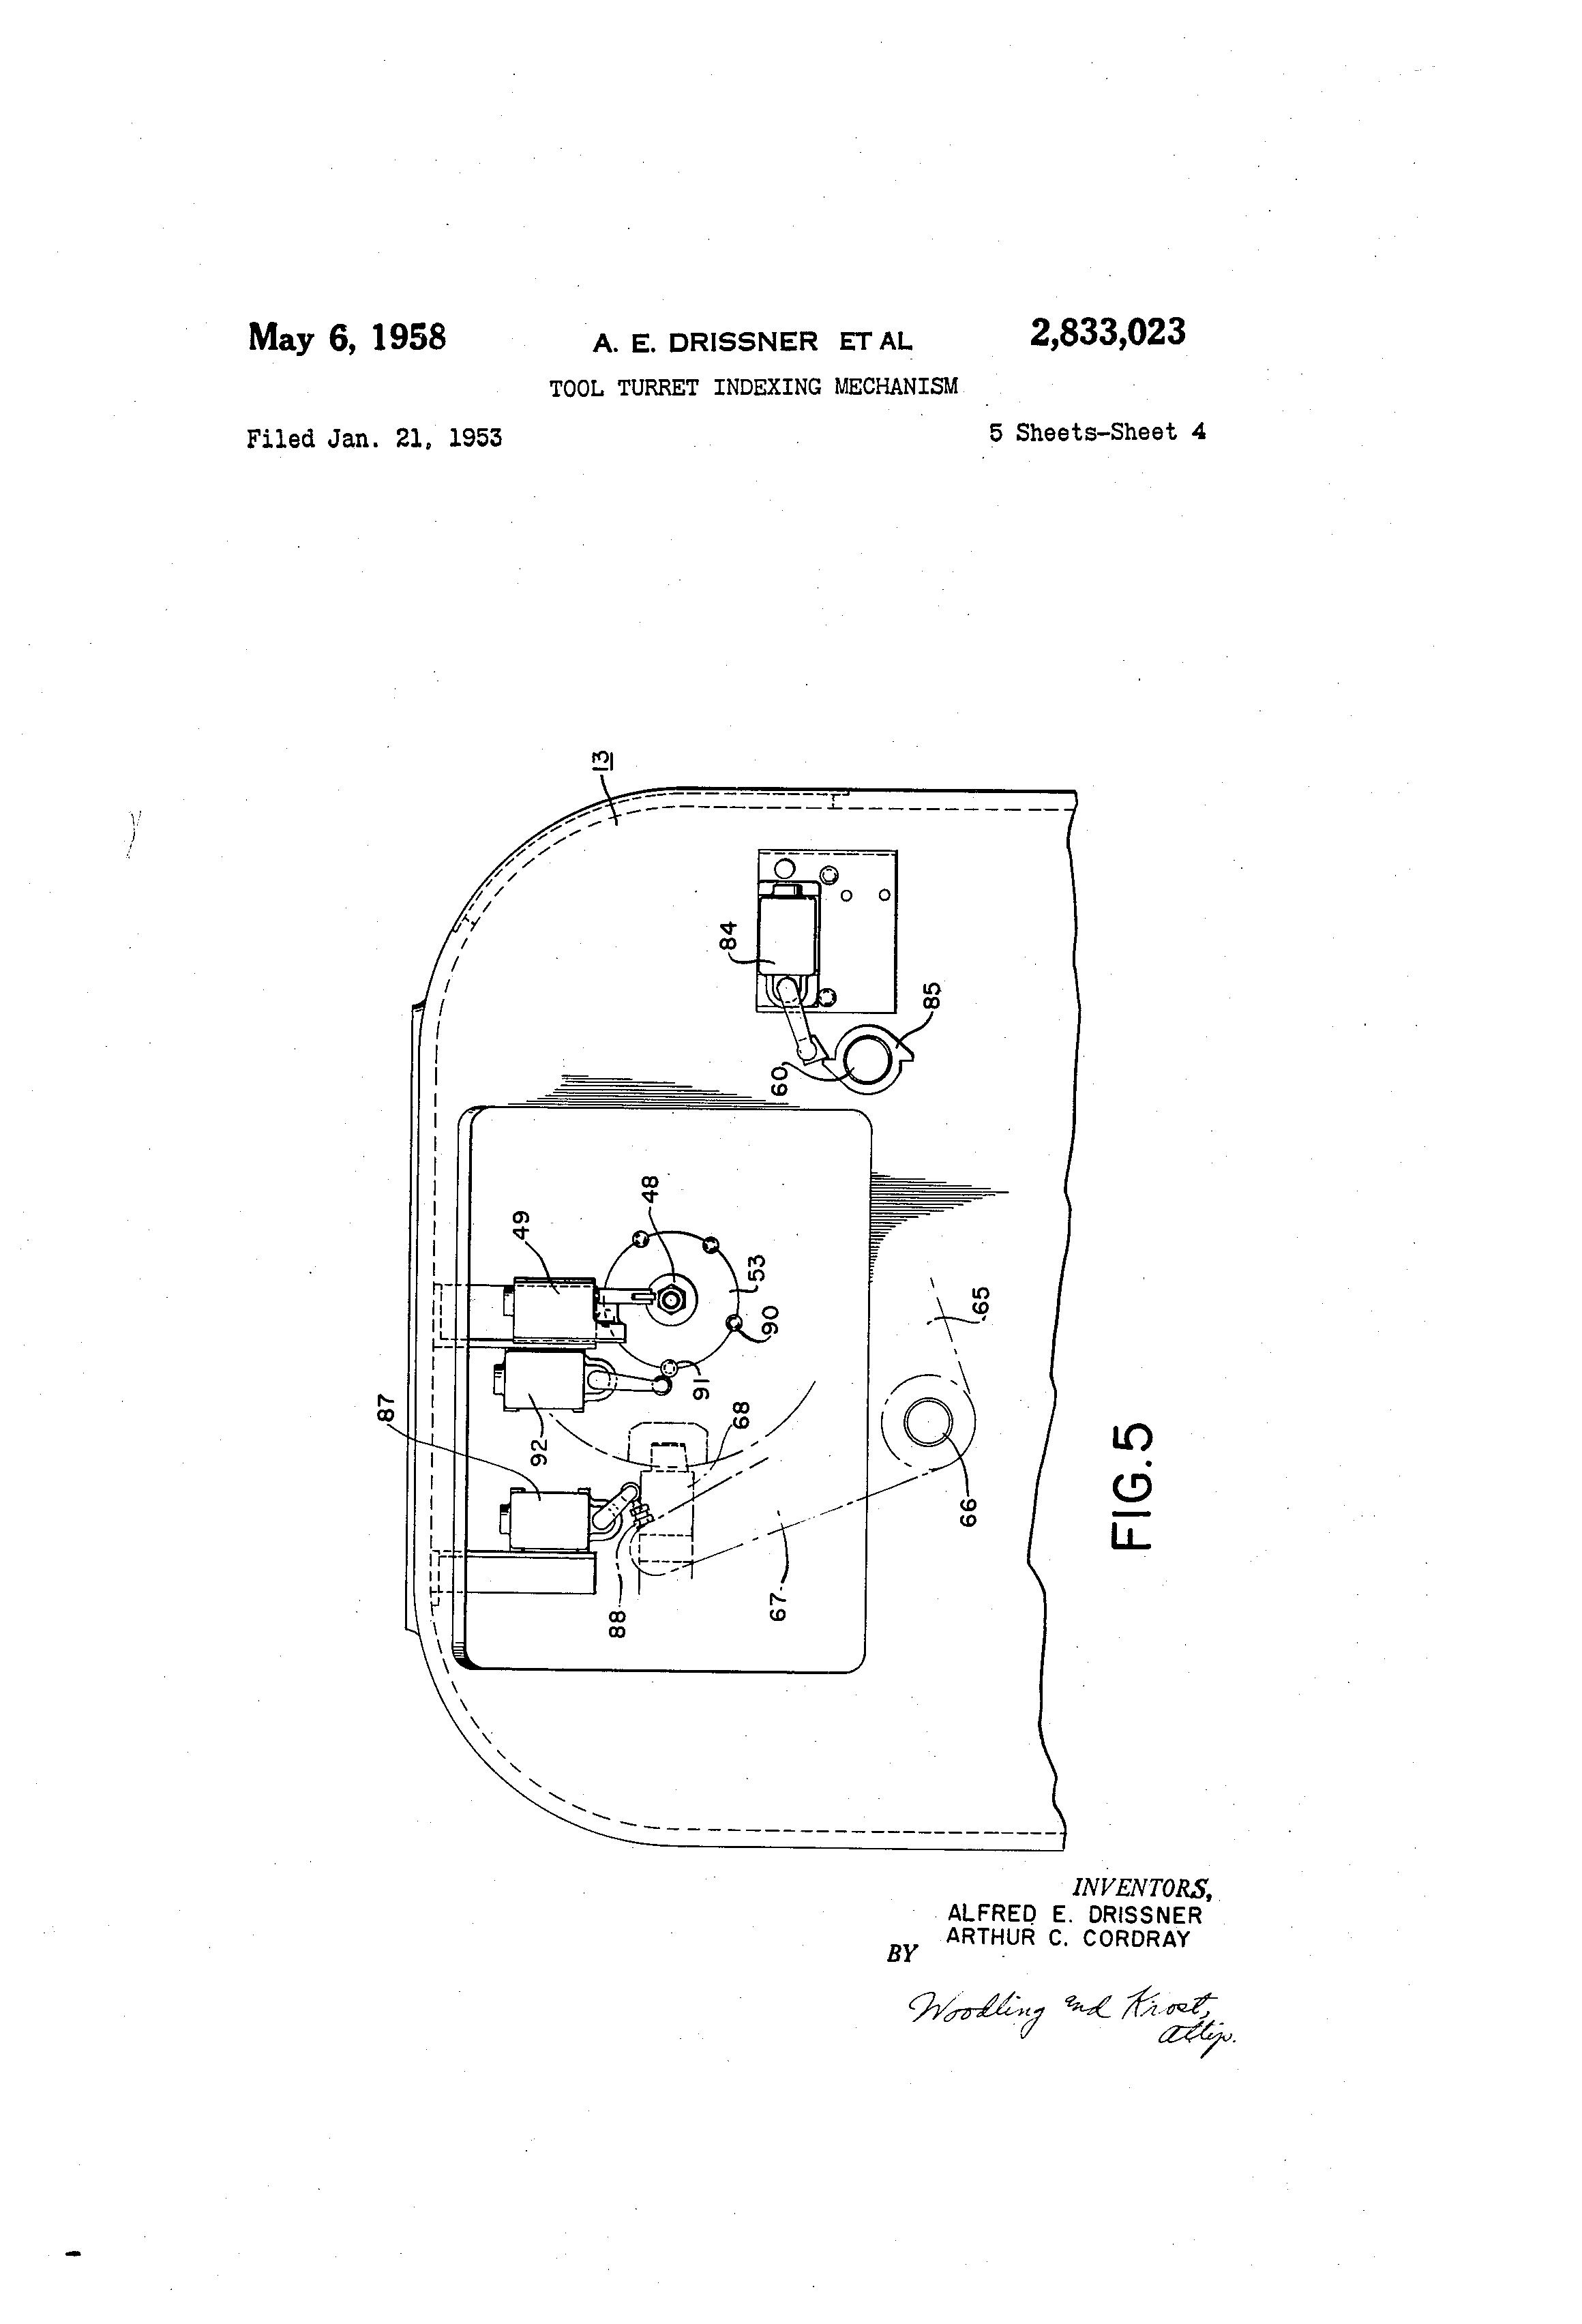 Turret indexing mechanism